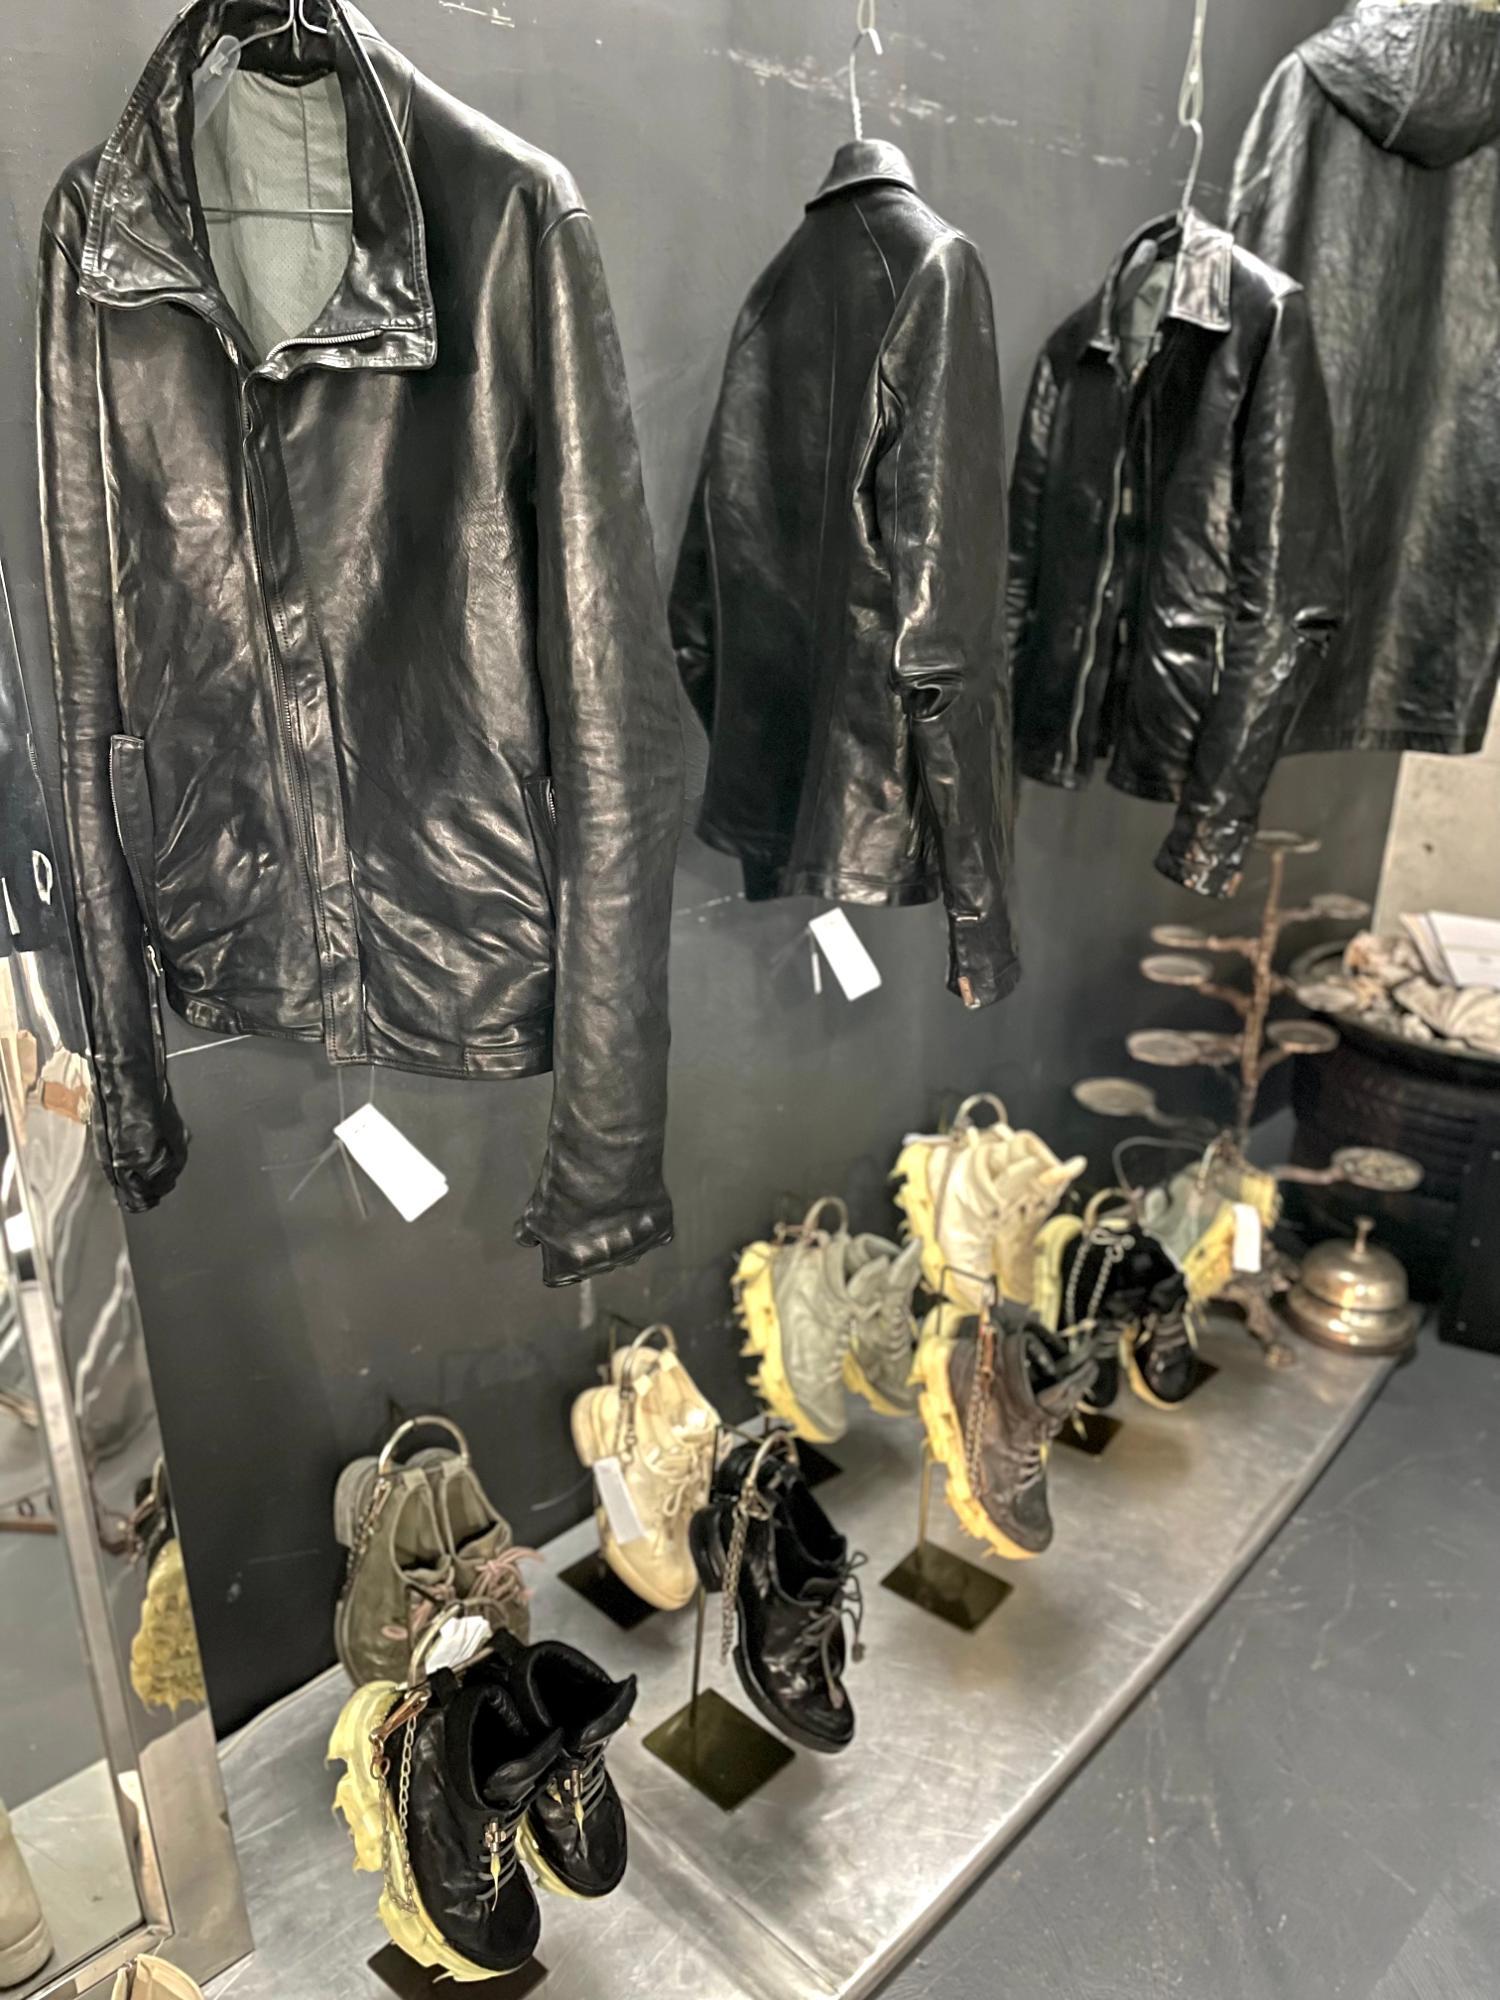 地下の小部屋にはハード系のファッションが。革ジャンは袖が長く肘も加工されていて、靴の裏にはトゲトゲ。とにかく奇抜でカッコいい